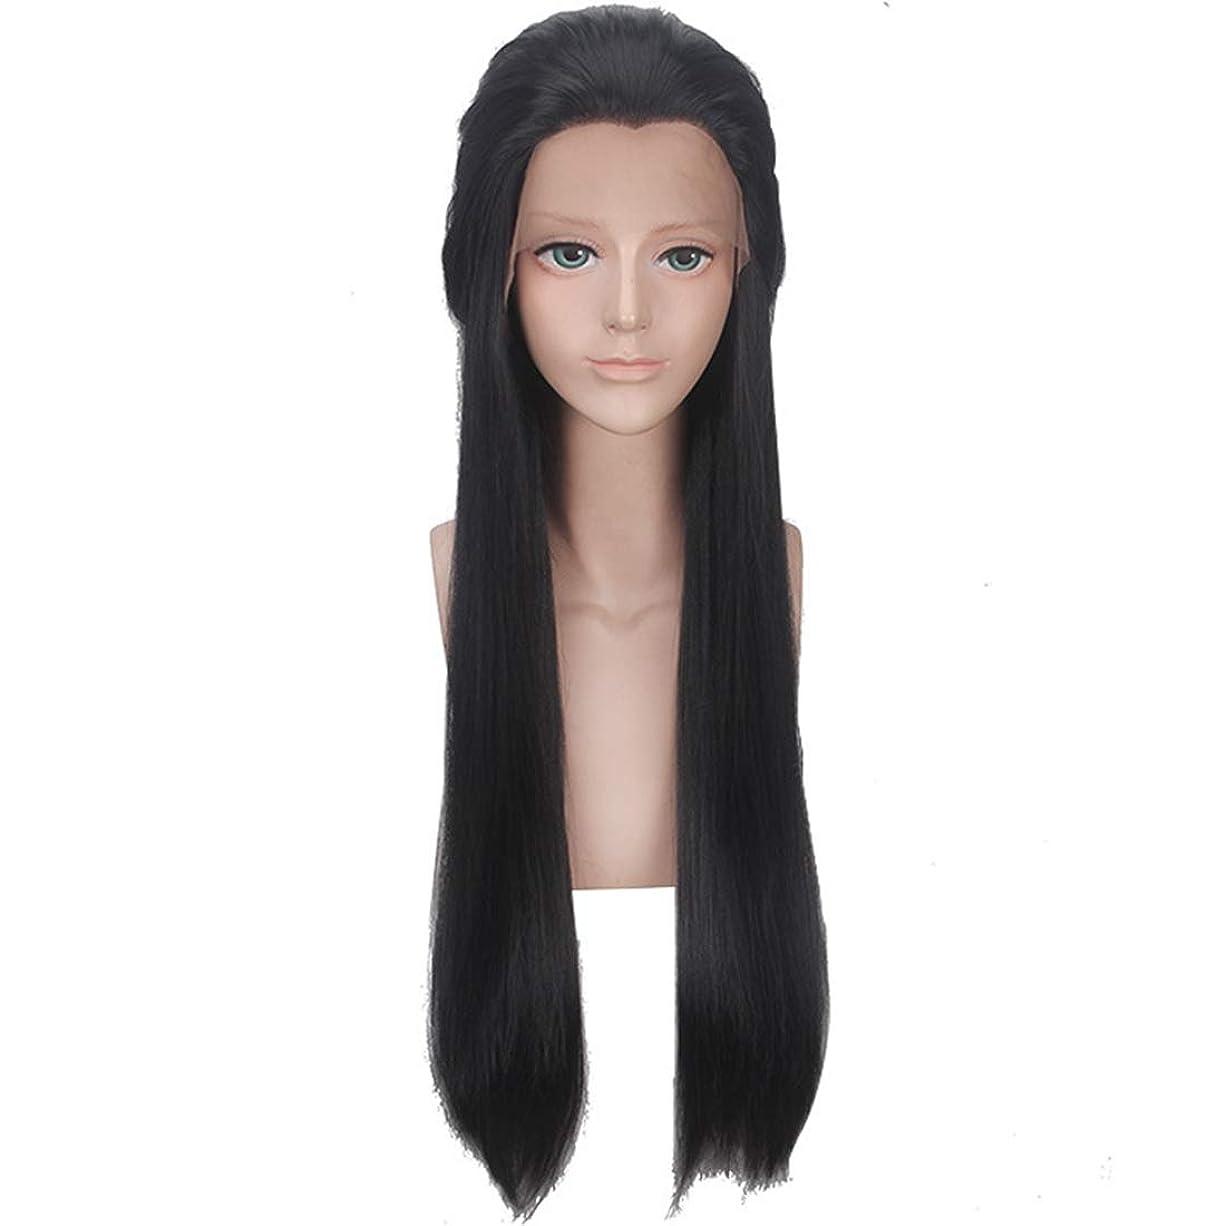 タービンゴミ誤解を招くBOBIDYEE ファッションかつら女性の黒の美しさの先のとがった長いストレートの髪化学繊維フロントレースかつら合成髪レースのかつらロールプレイングかつら (色 : 黒)